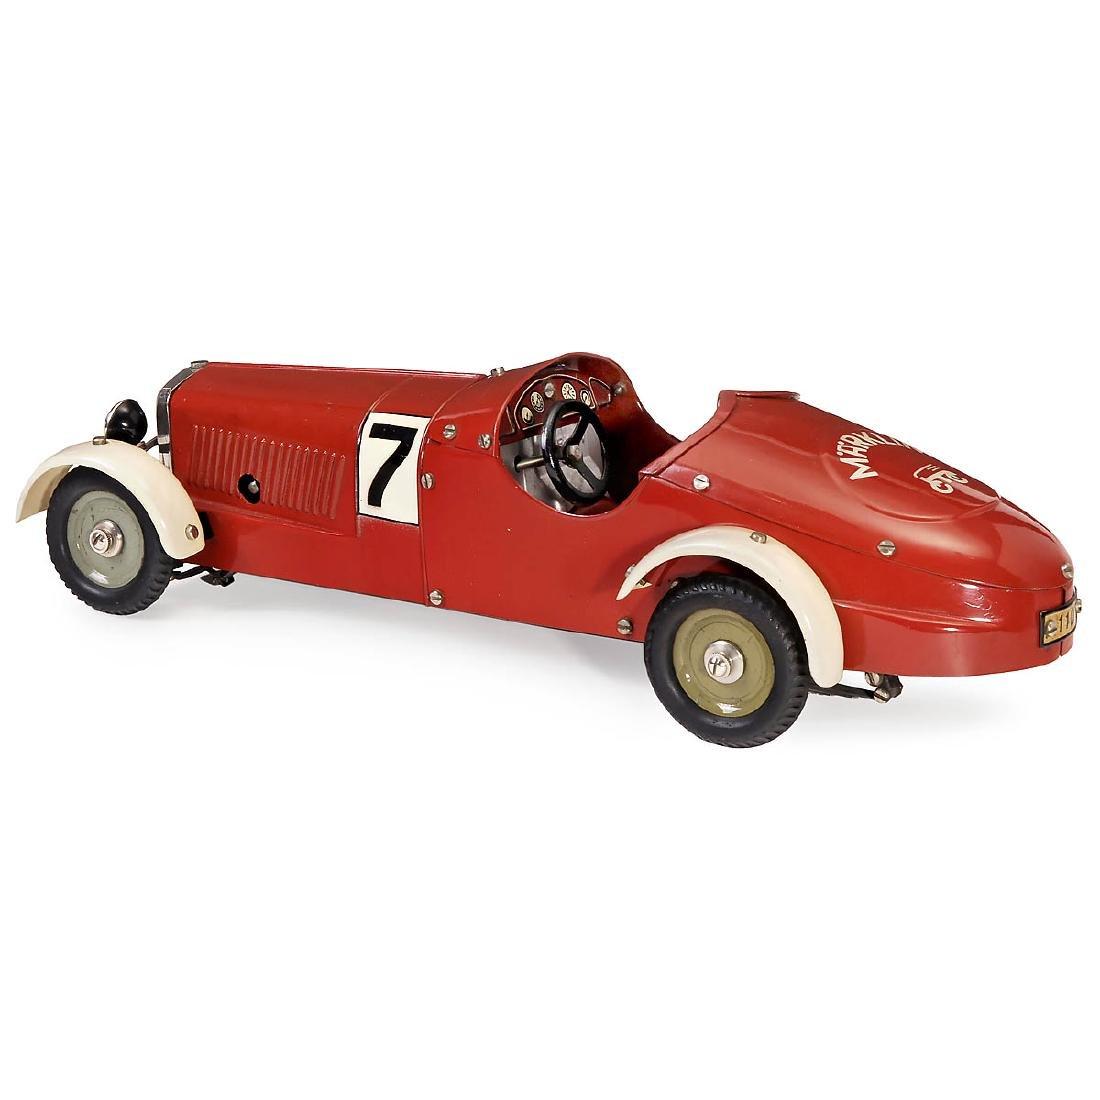 Märklin Racing Car No. 1107R, c. 1936 - 2